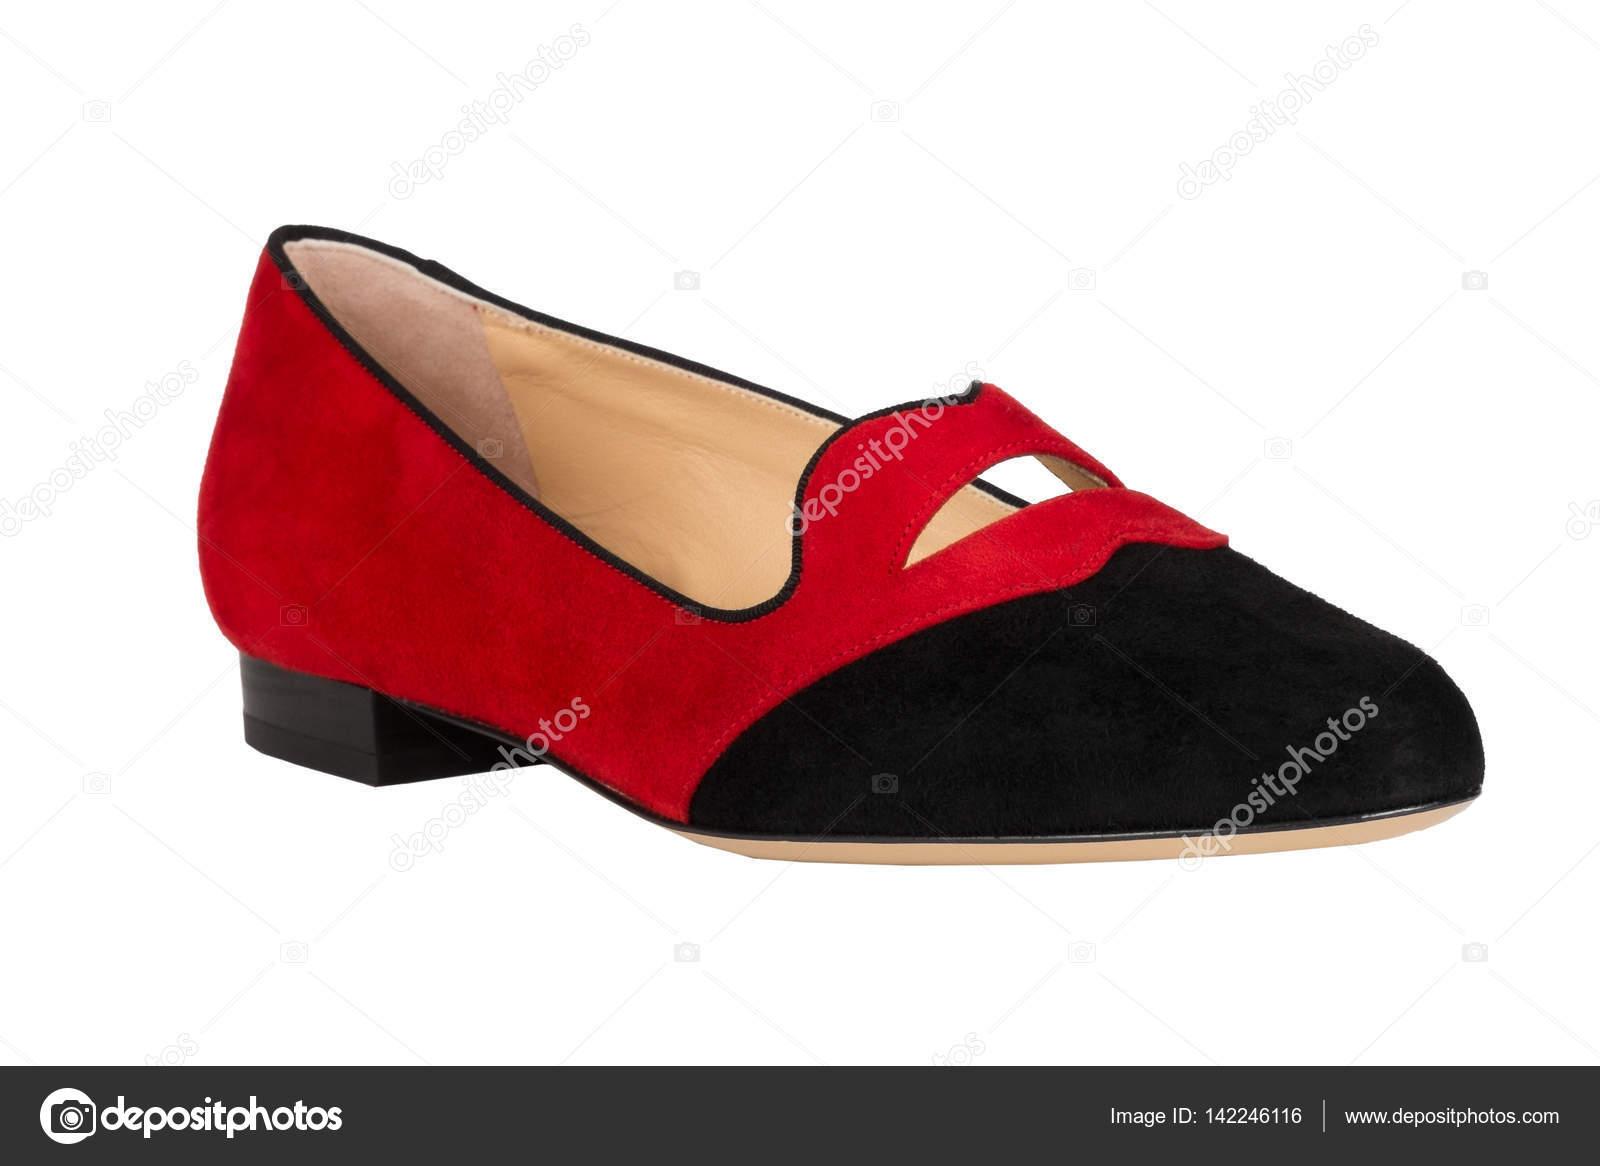 offizielle Fotos wo zu kaufen erstklassig Schuhe. Damenschuhe auf weißem Hintergrund. Premium-Schuhe ...